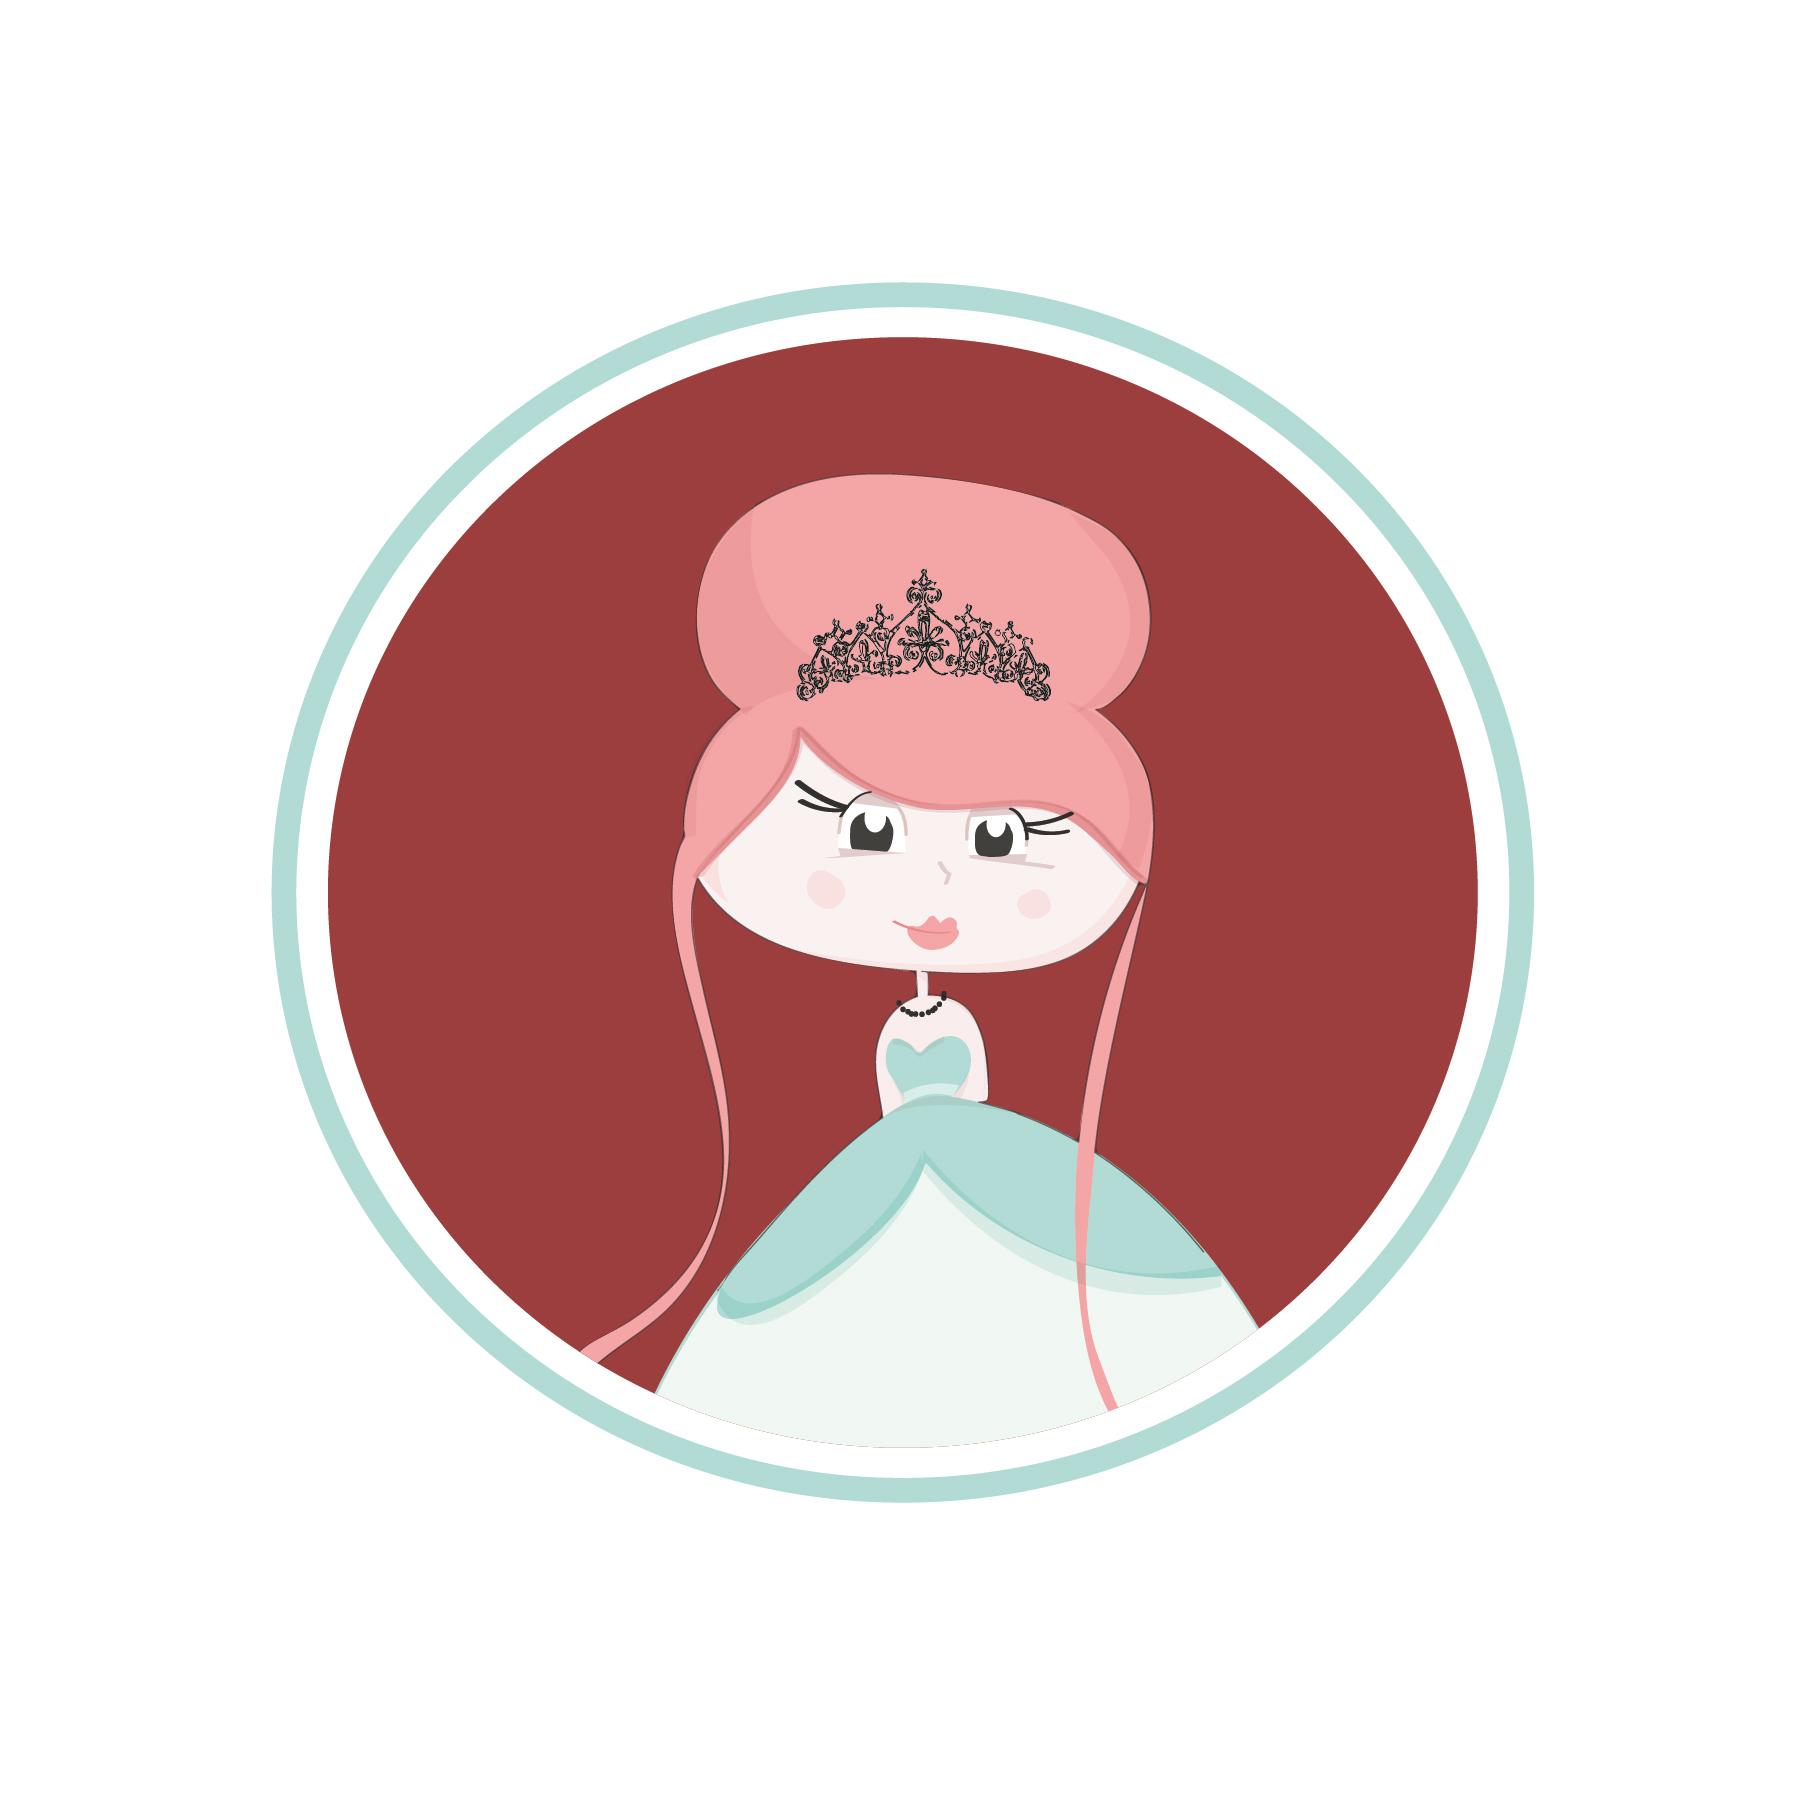 Sticker princesa